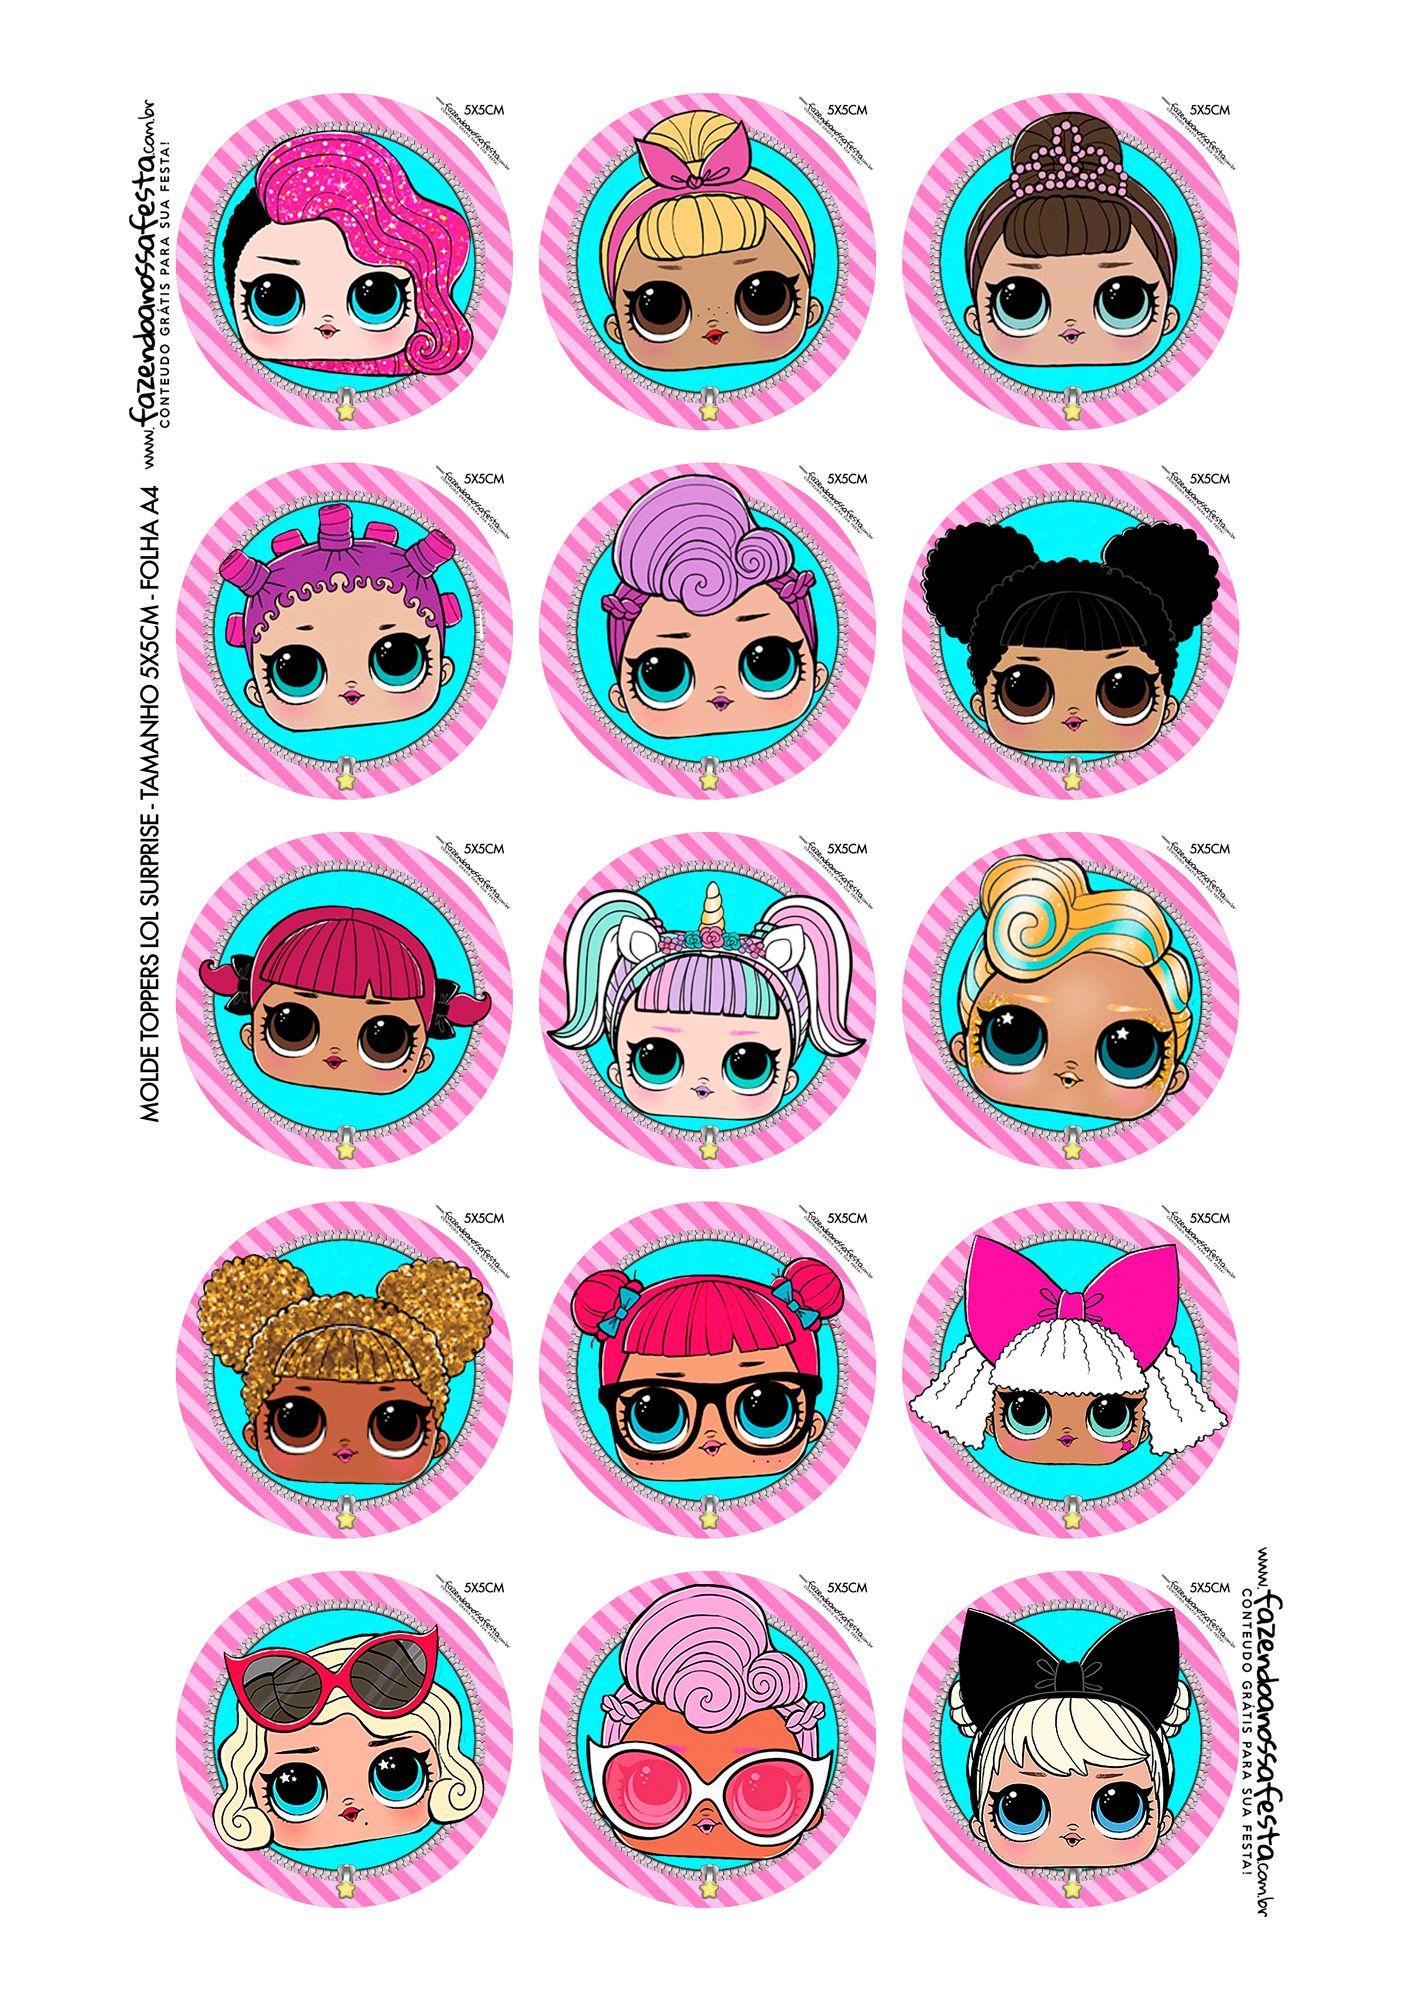 Toppers Lol Surprise 3 totalmente grátis, pronto para personalizar e imprimir em casa.